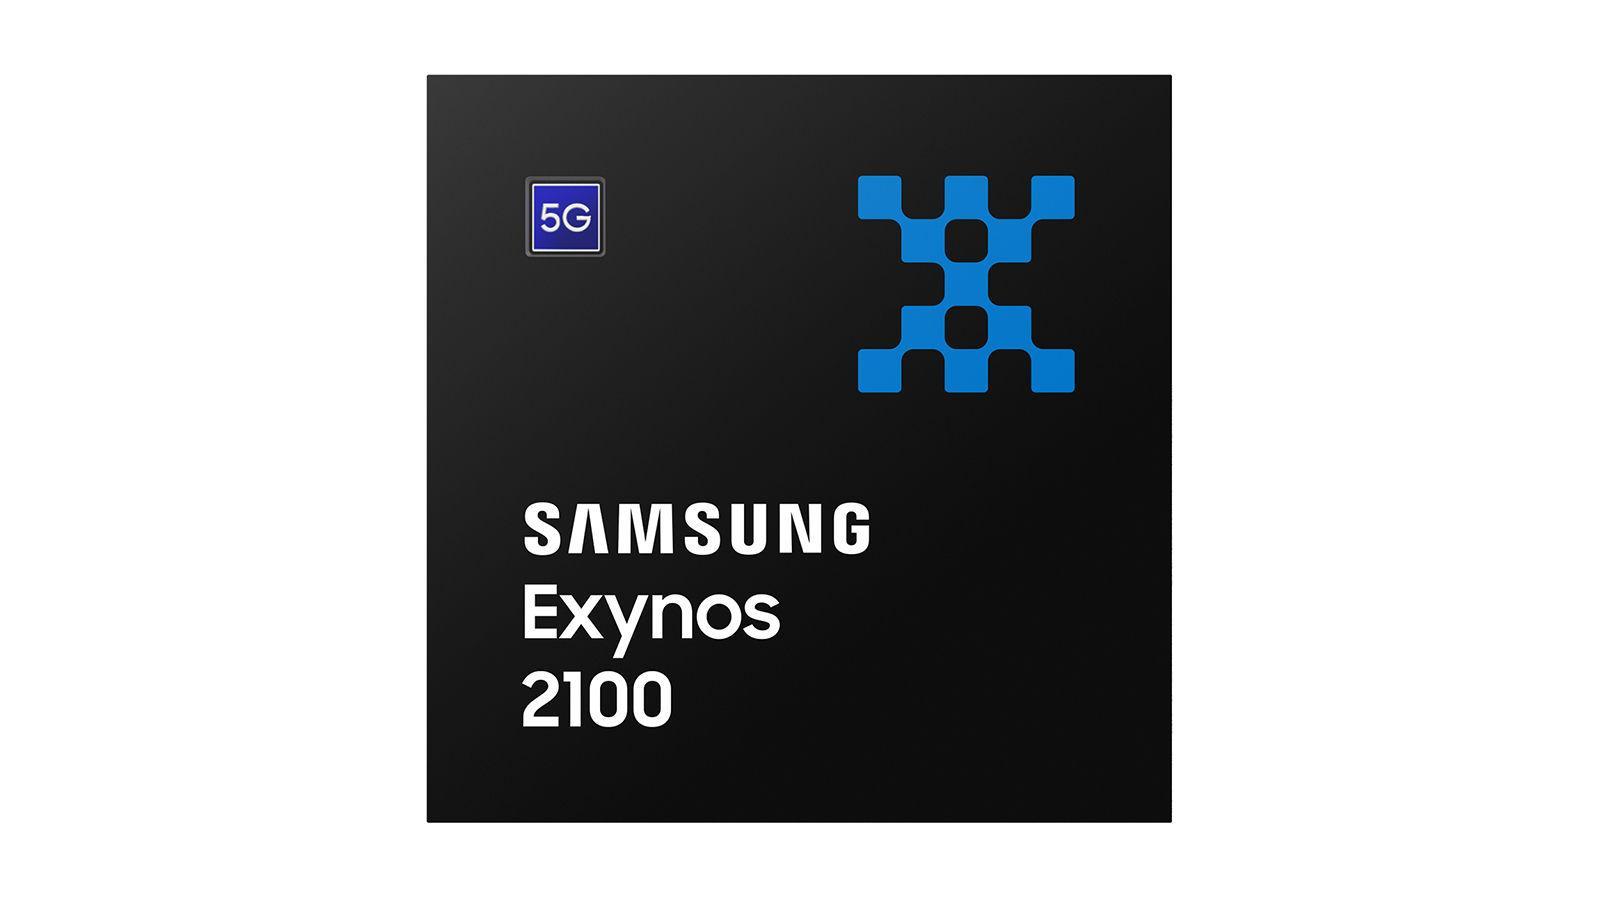 Samsung Exynos 2100 logo